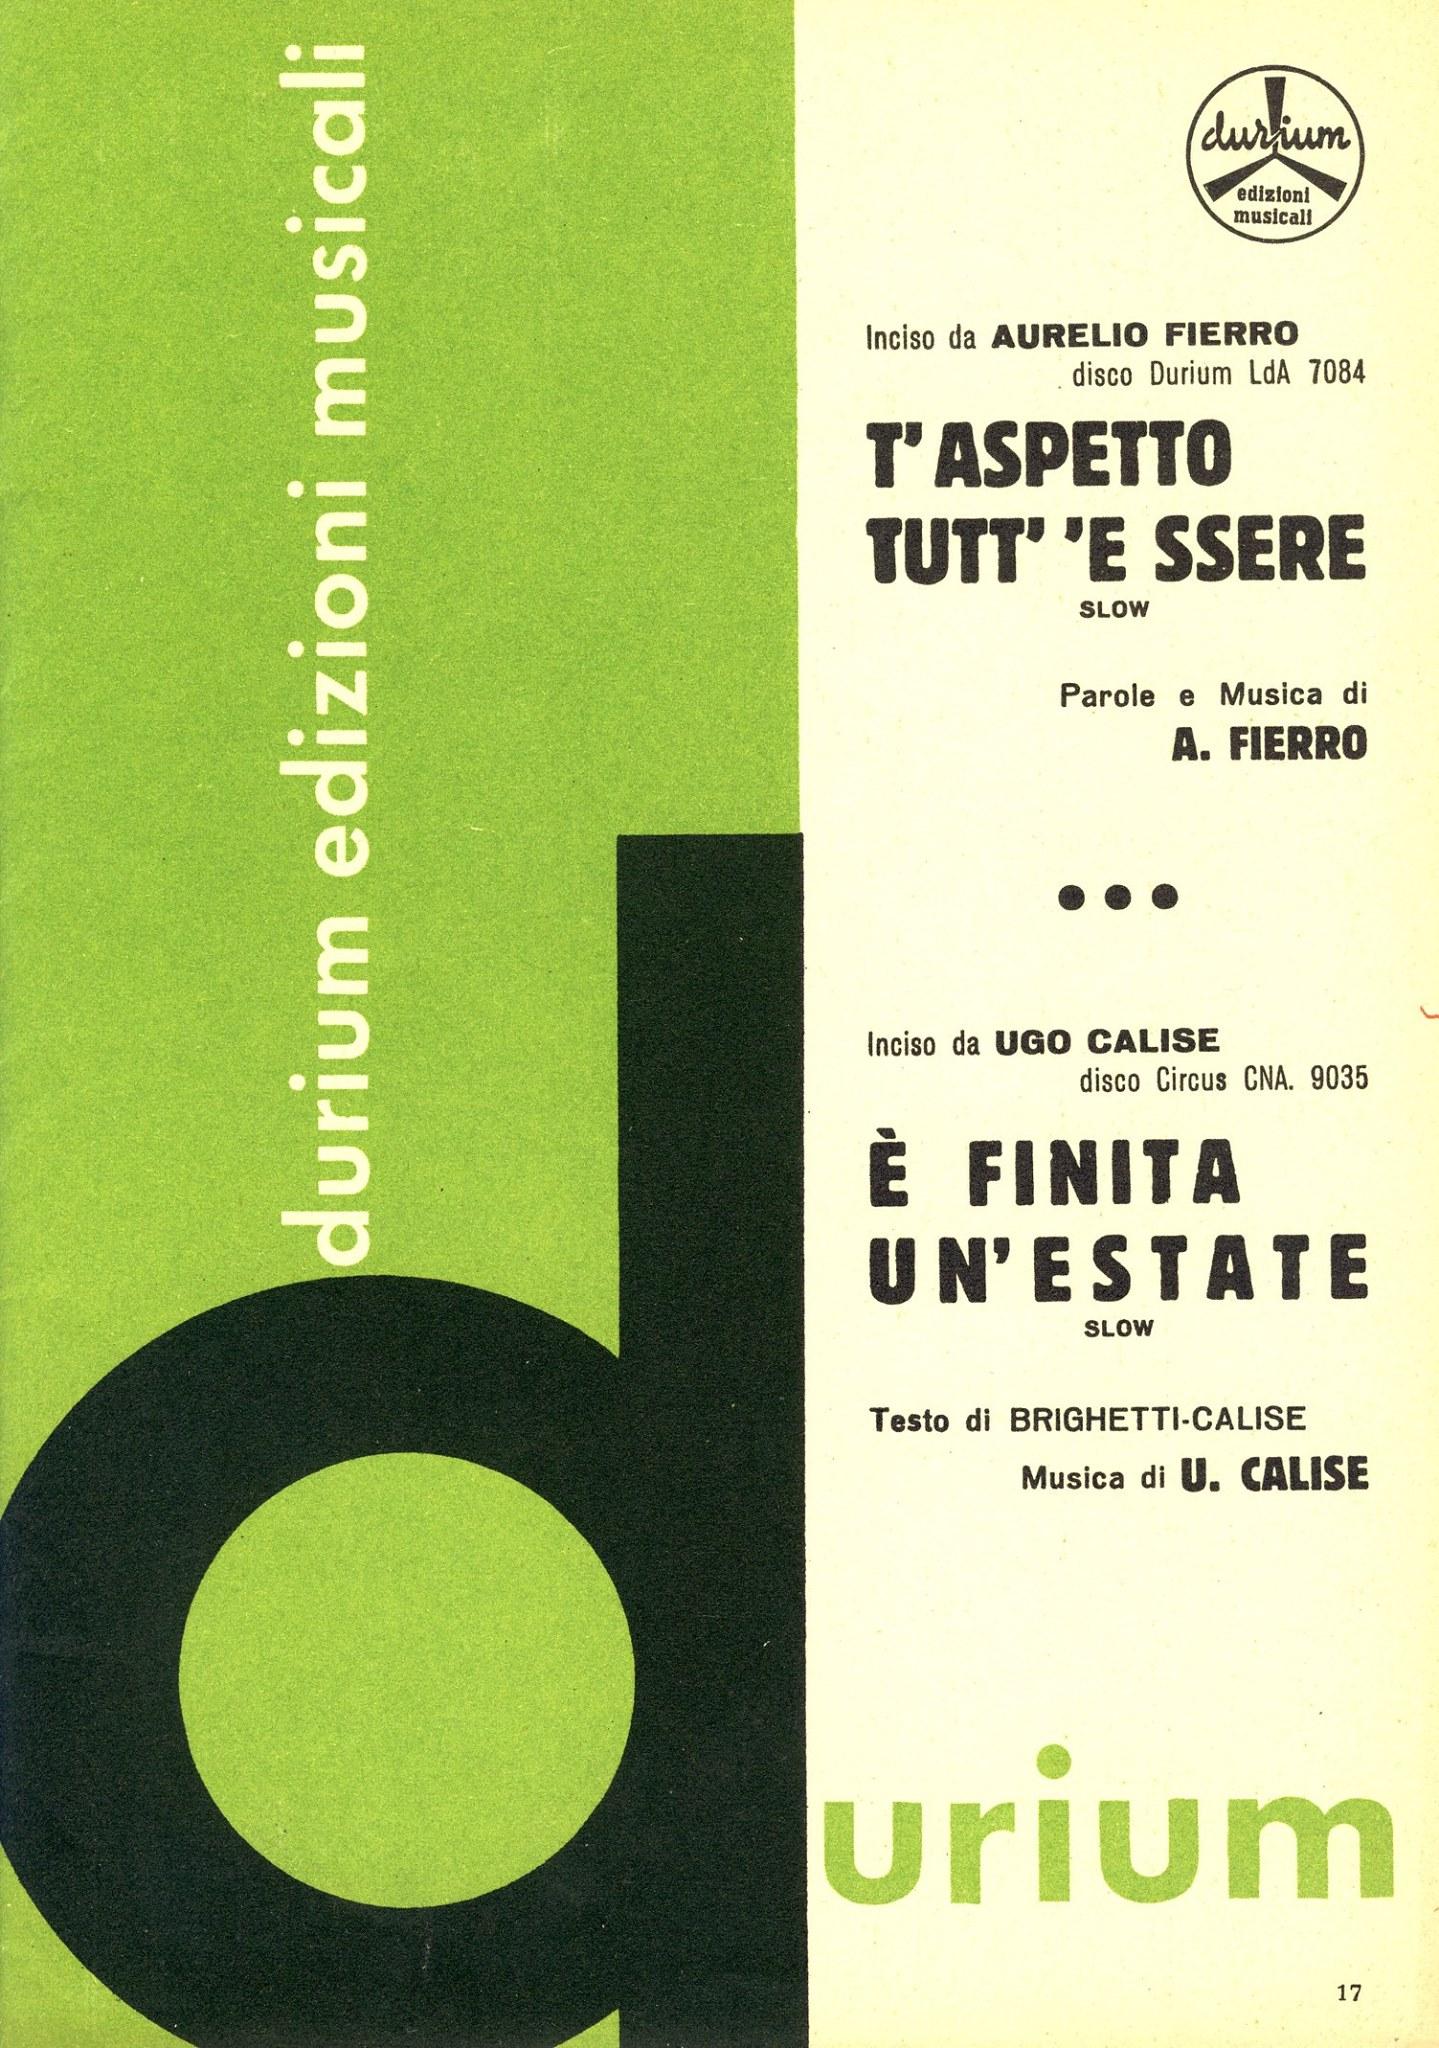 E' Finita Un'Estate... (Brighetti-Calise). Edizioni Durium (1962).